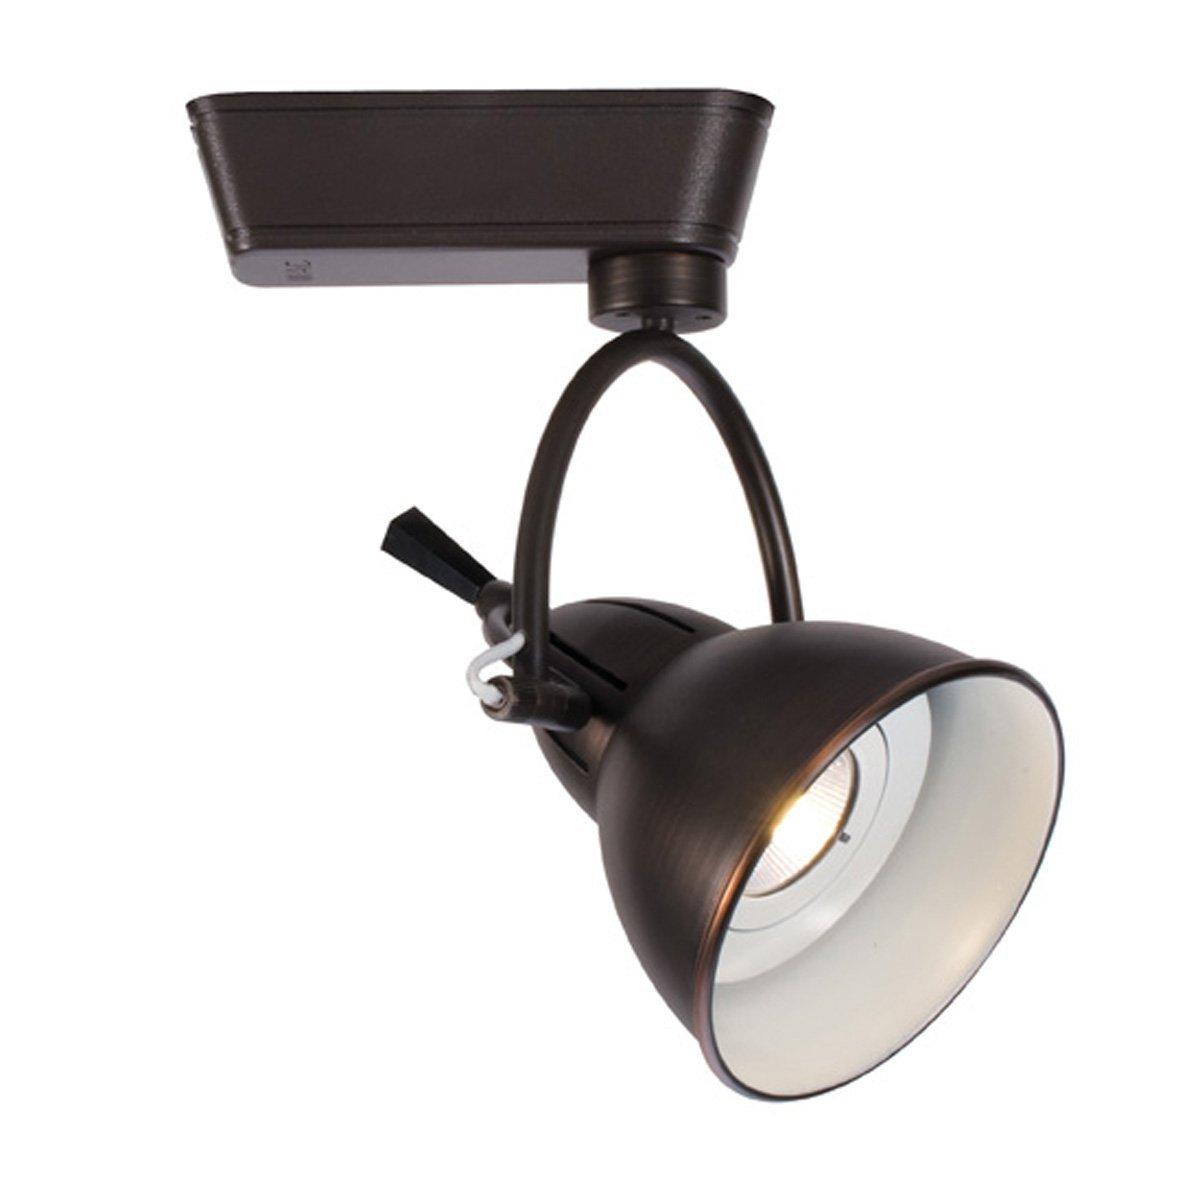 Amazon com wac lighting j led710s cw ab cartier led low voltage track fixture antique bronze home improvement